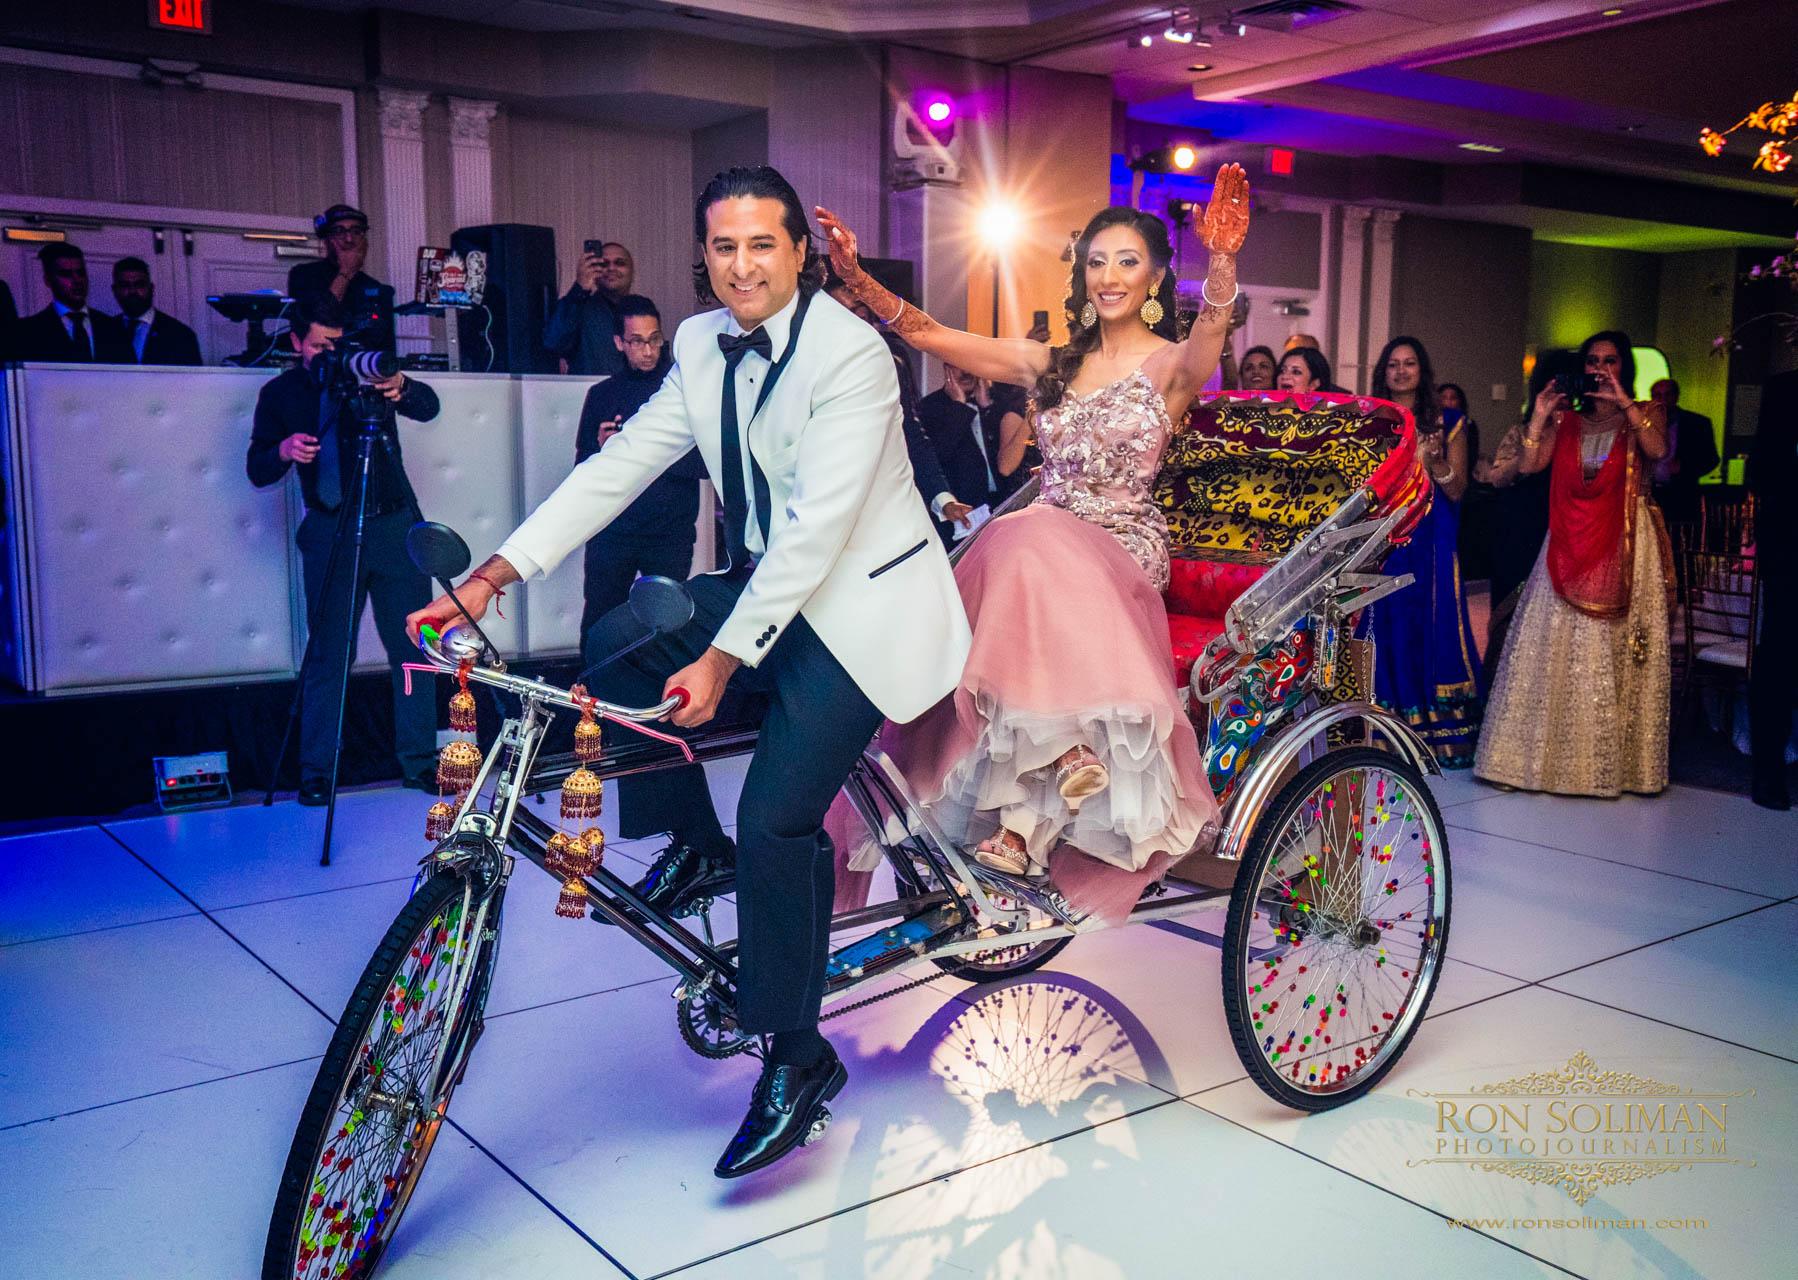 SHERATON MAHWAH INDIAN WEDDING 20